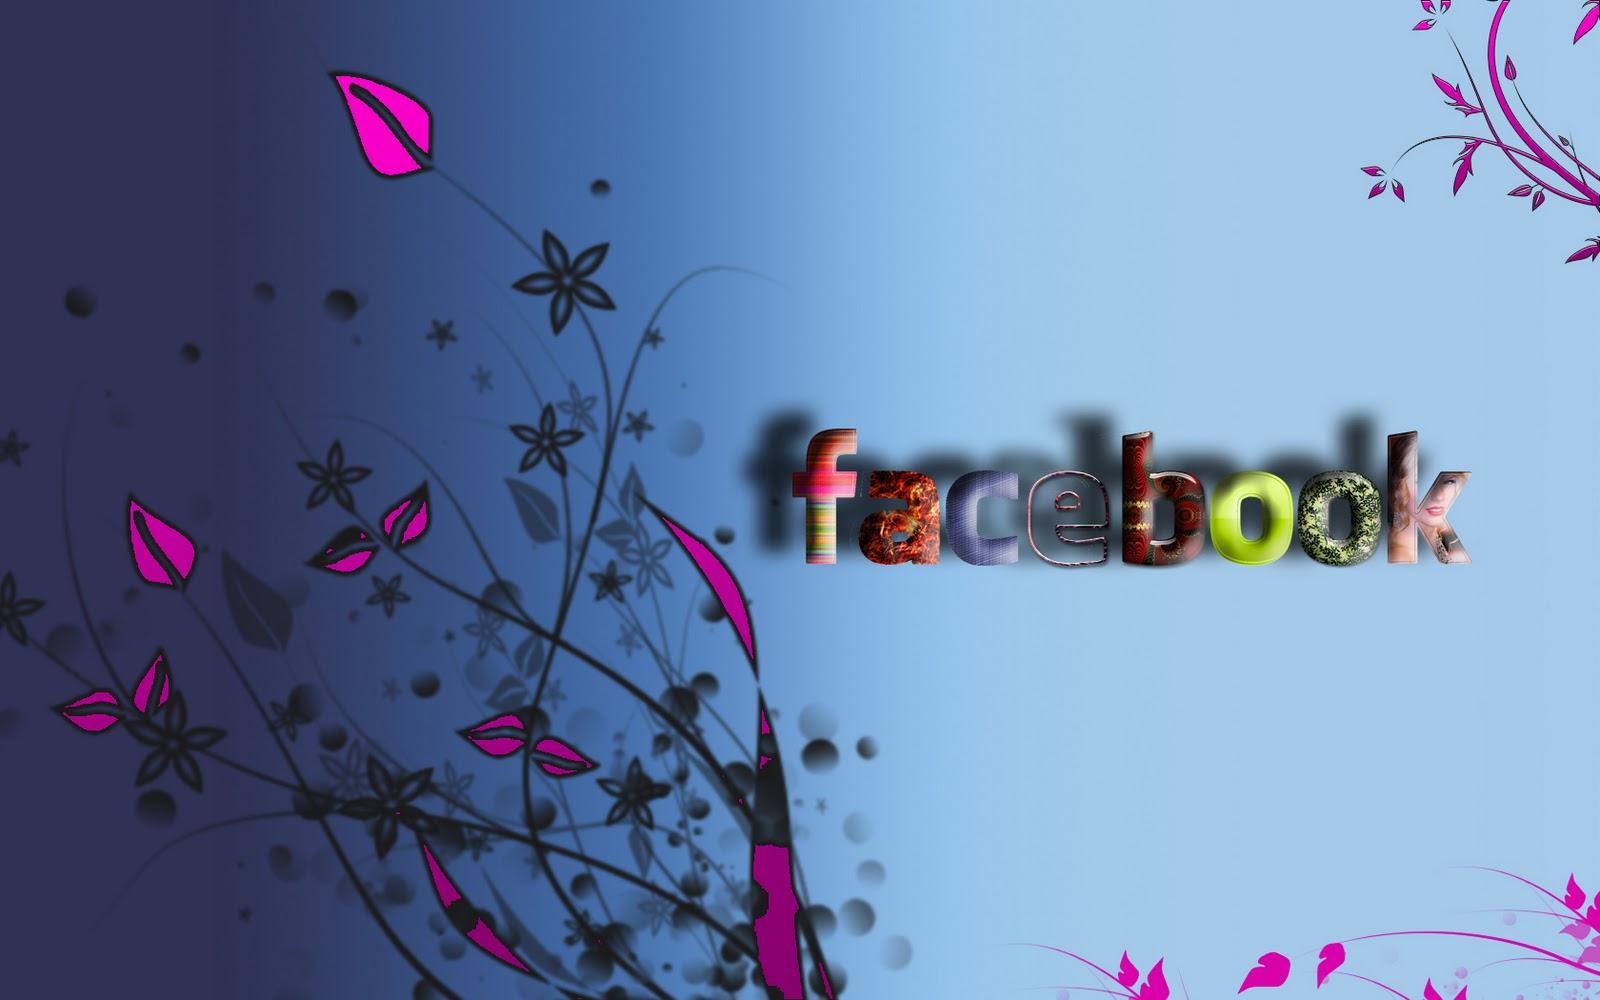 wallpapers y fondos de pantalla de facebook para el